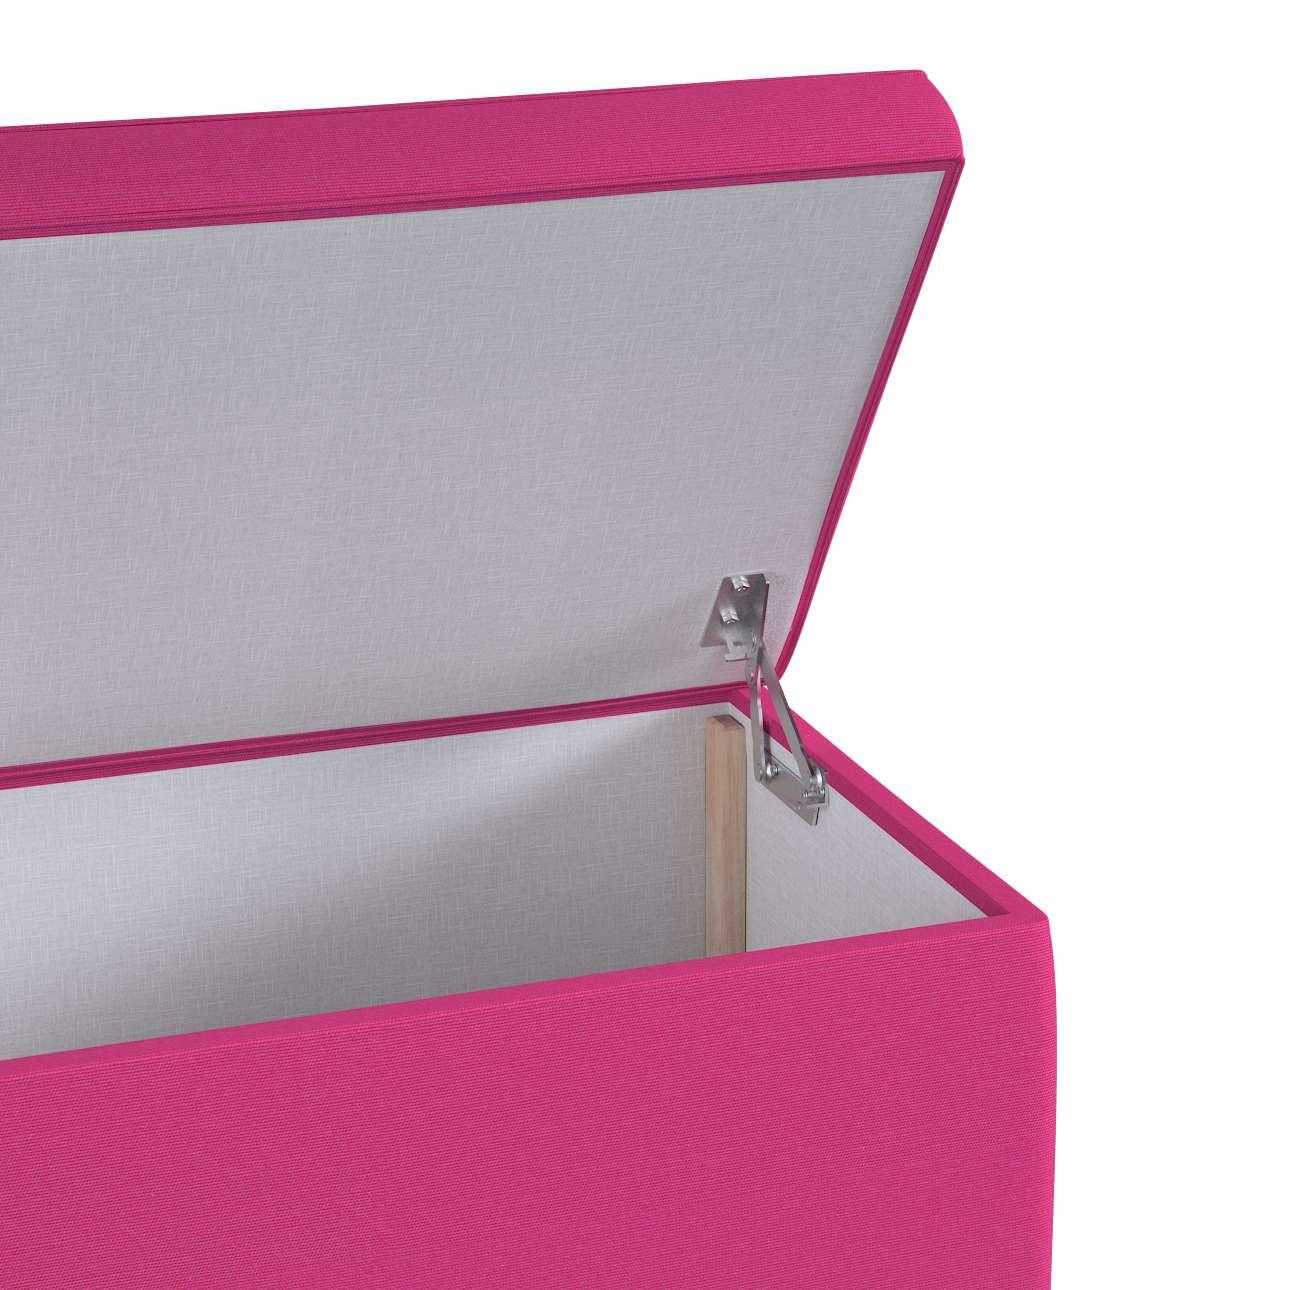 Čalouněná skříň s volbou látky - 2 velikosti v kolekci Loneta, látka: 133-60